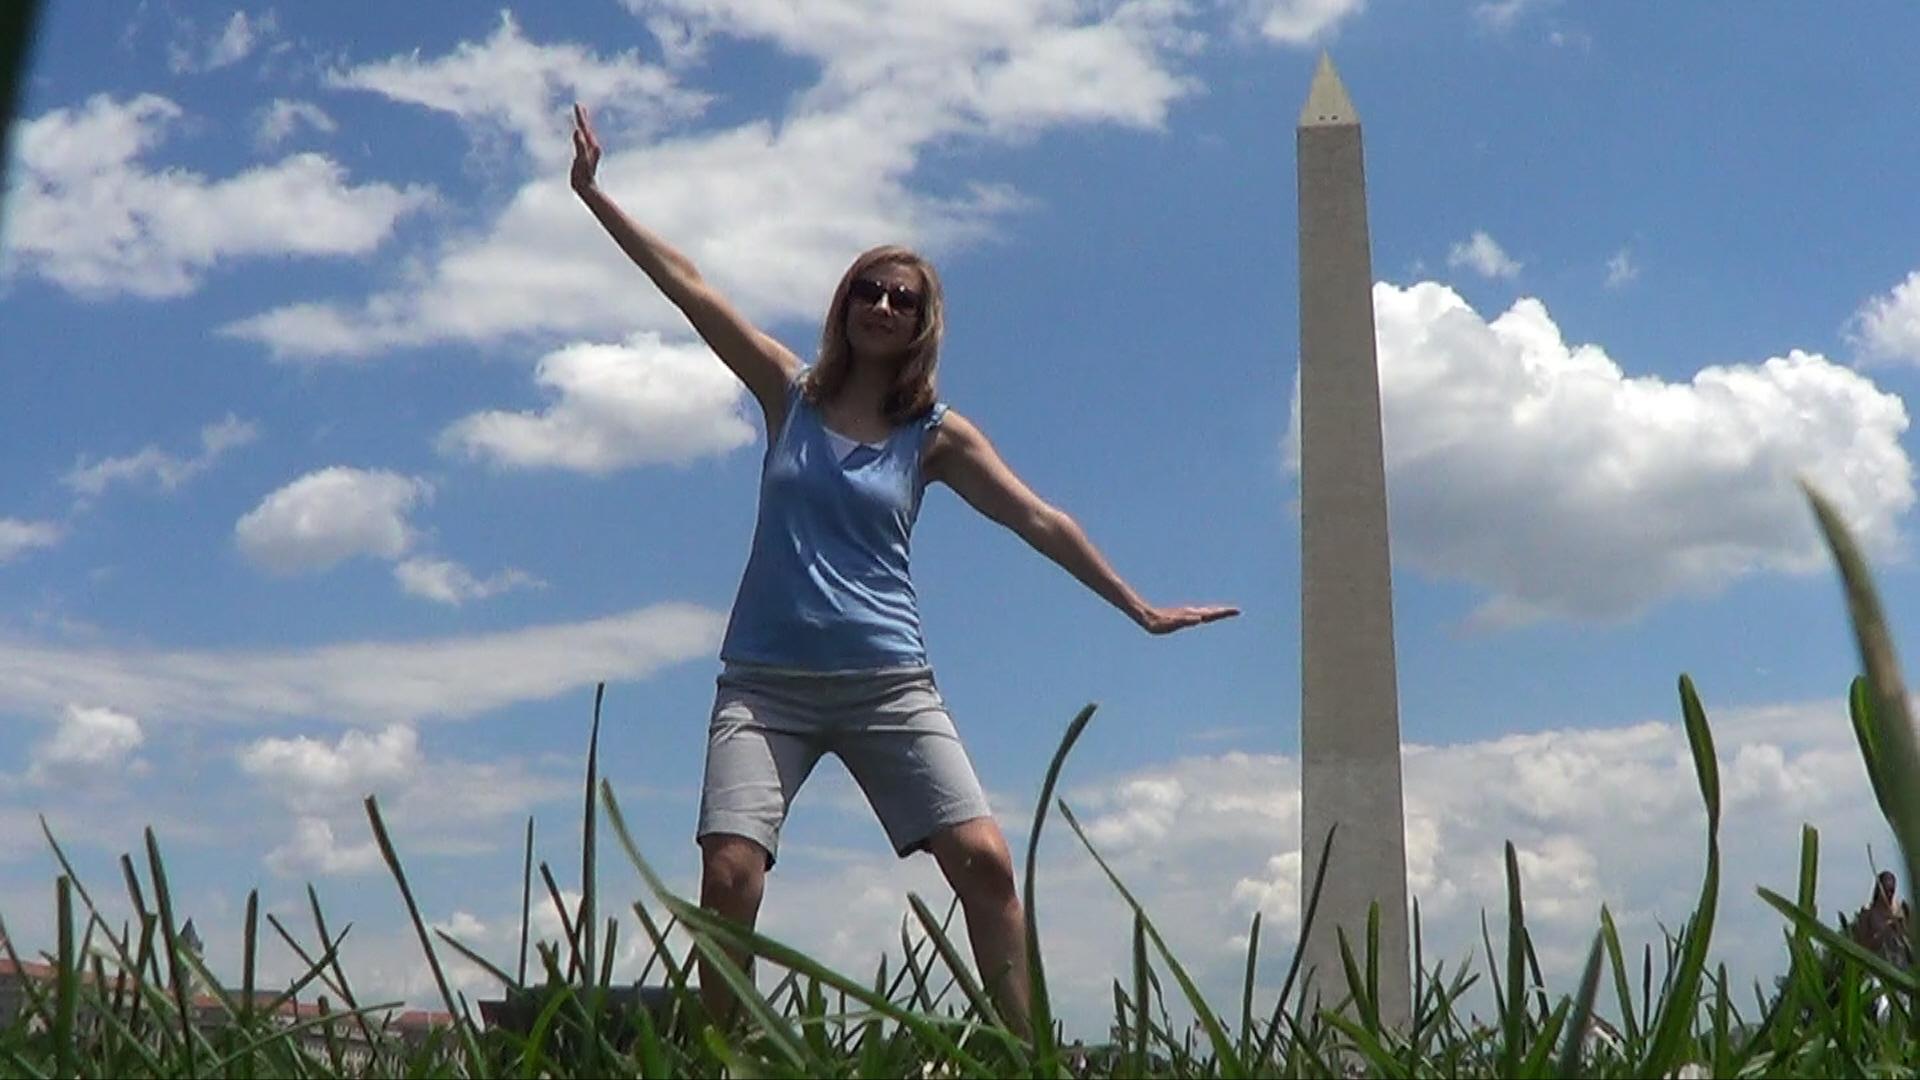 03 - Washington Monument